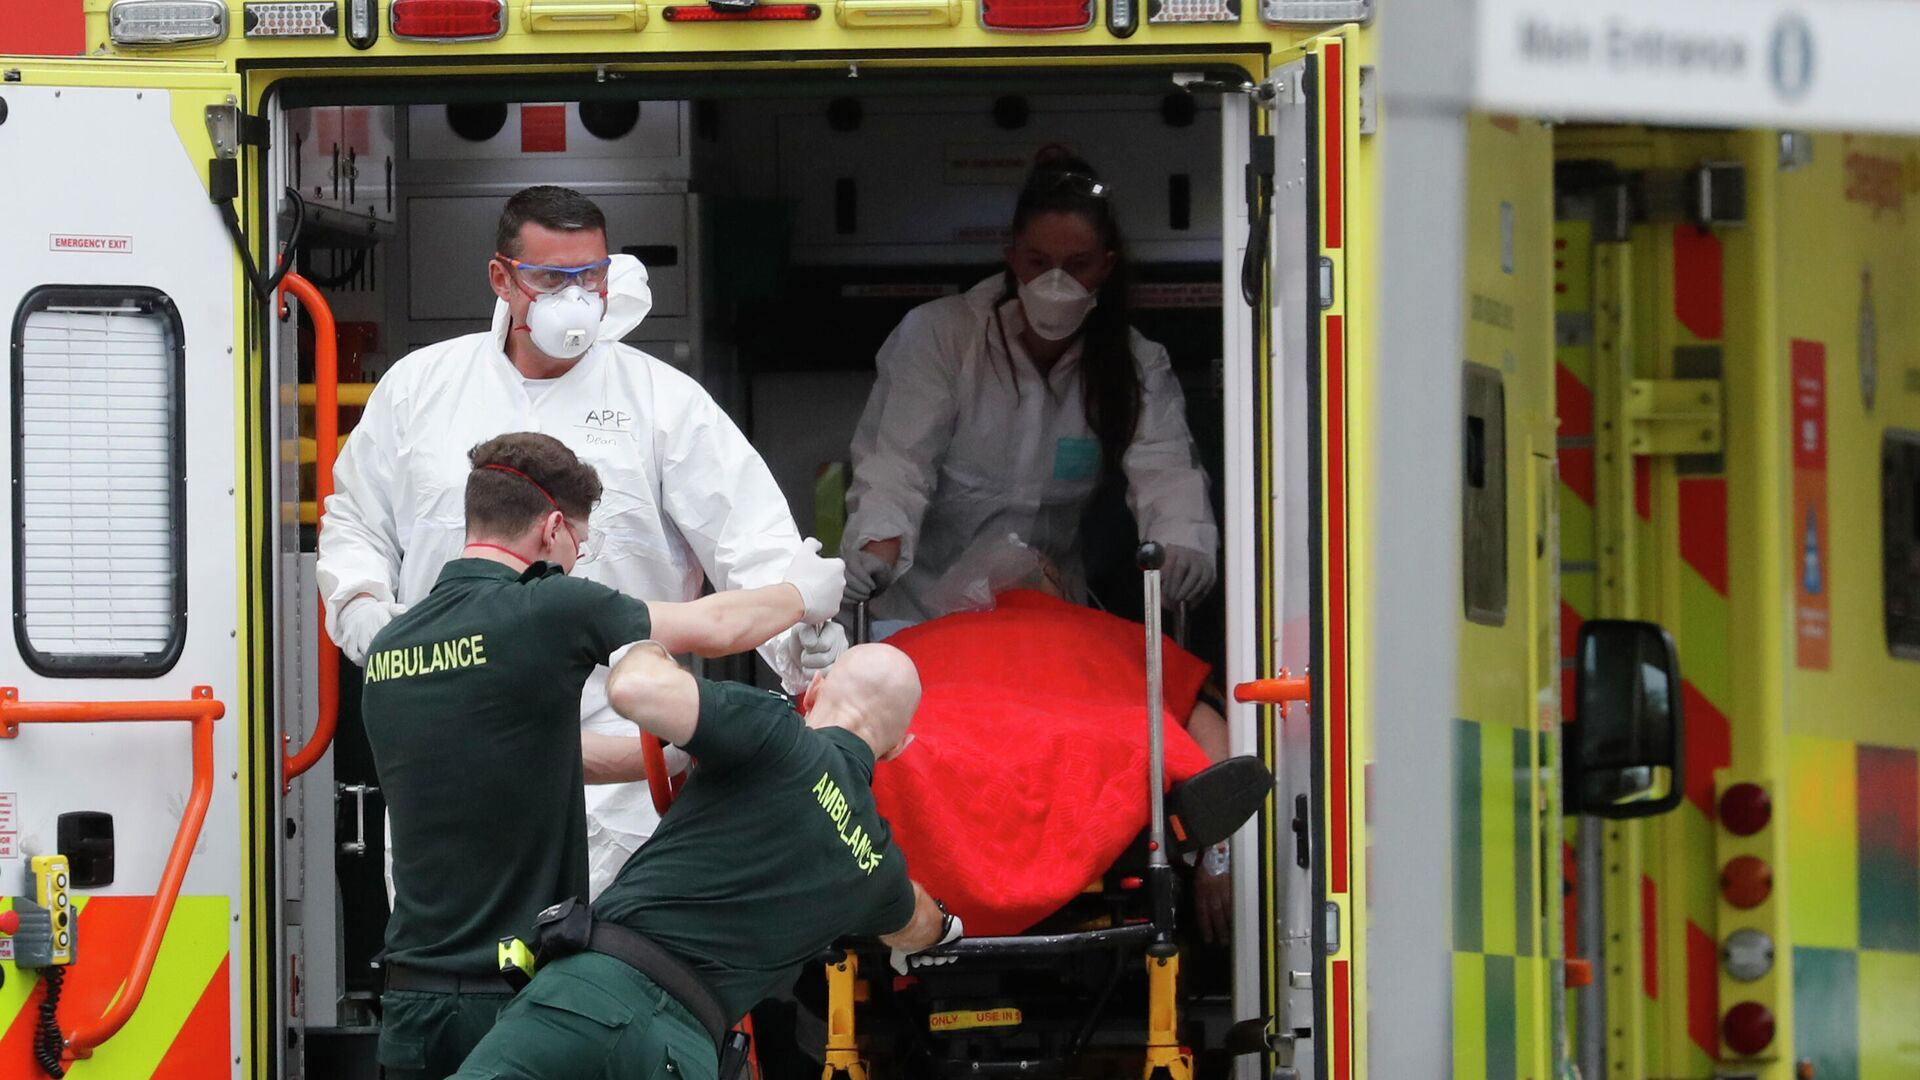 Медицинские сотрудники в защитных костюмах, доставляют пациента в больницу Святого Томаса в Лондоне, Британия - РИА Новости, 1920, 29.05.2021